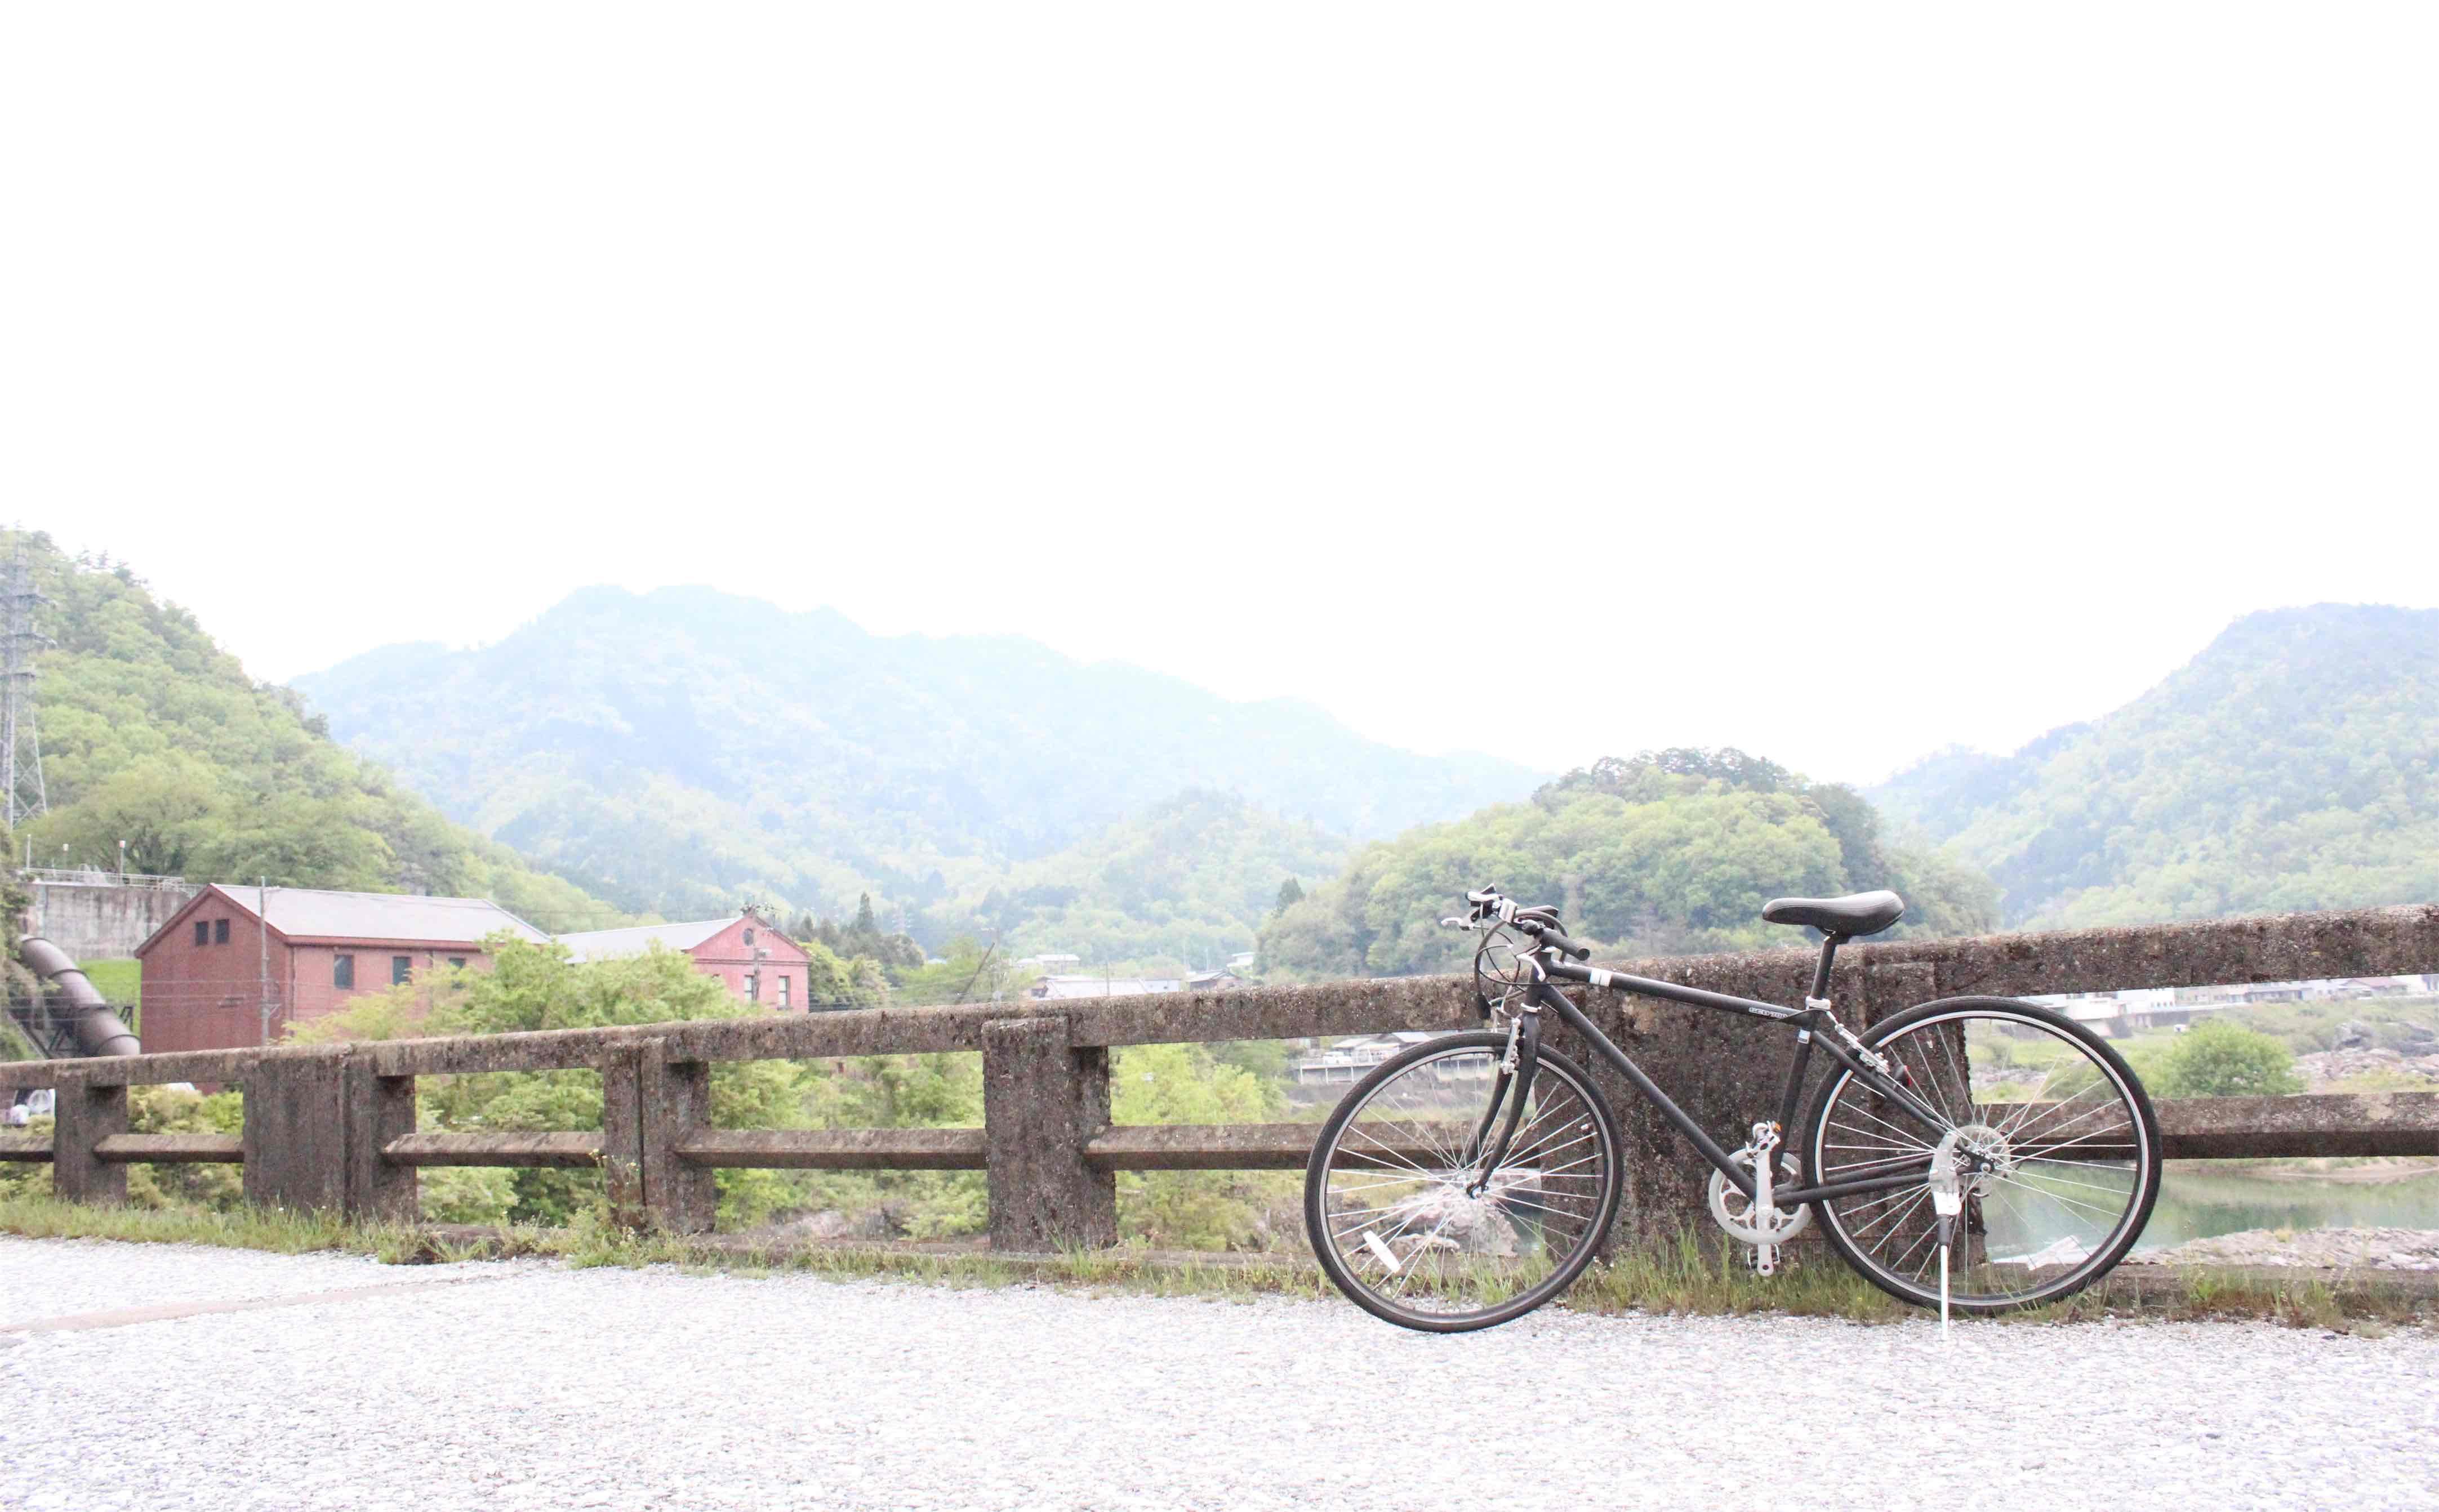 自転車がかっこよく撮れた